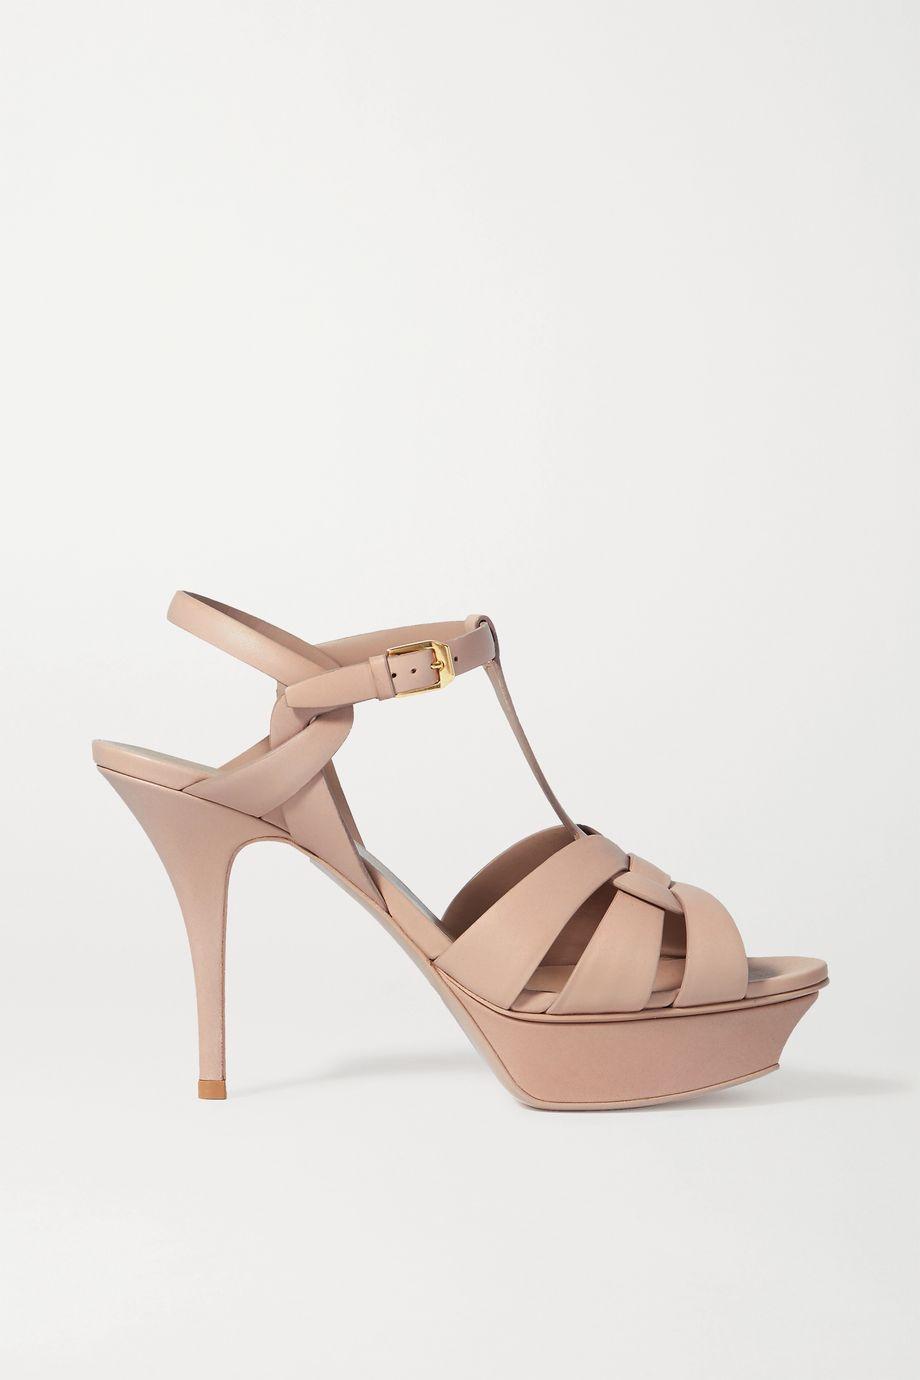 SAINT LAURENT Tribute woven leather platform sandals